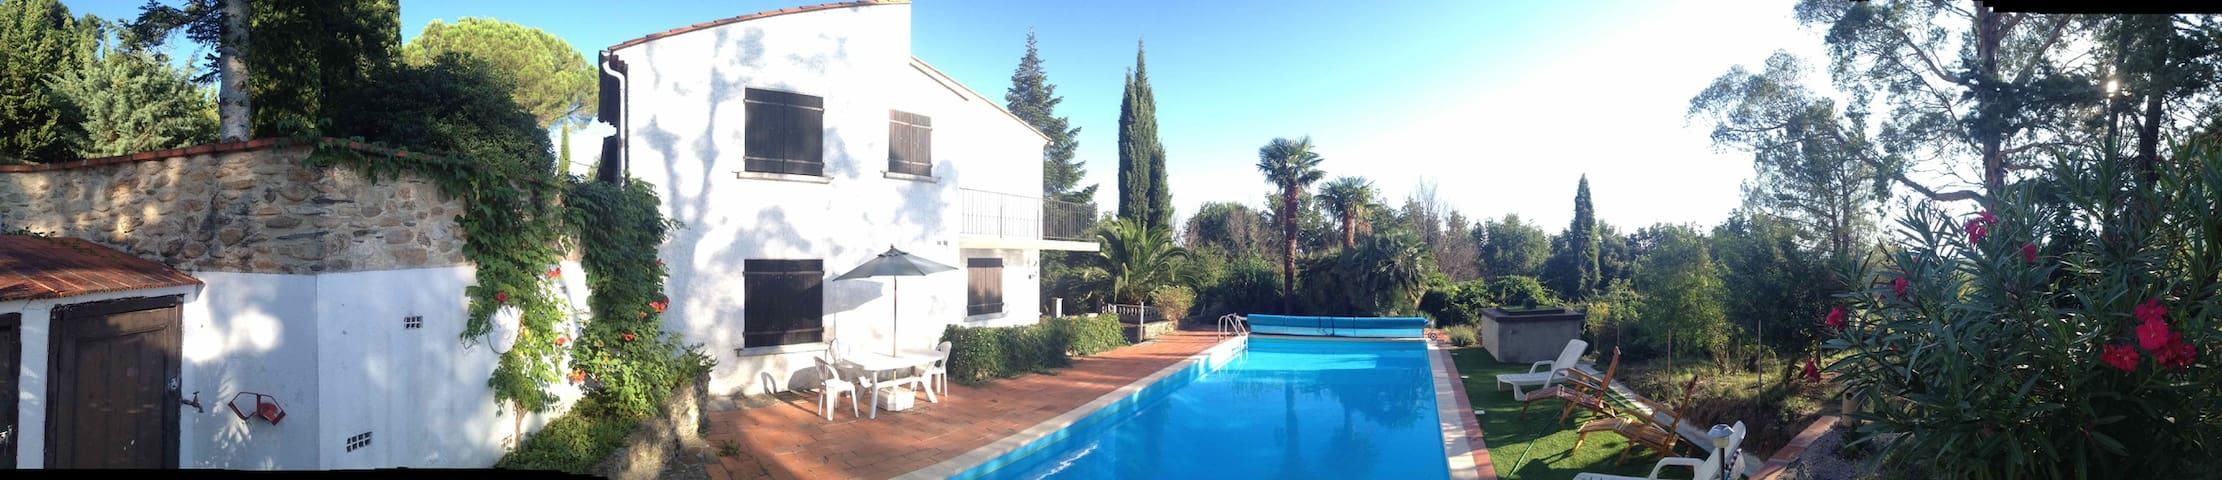 Mas Magrana - villa & pool near Ceret, Roussillon - Céret - Lägenhet